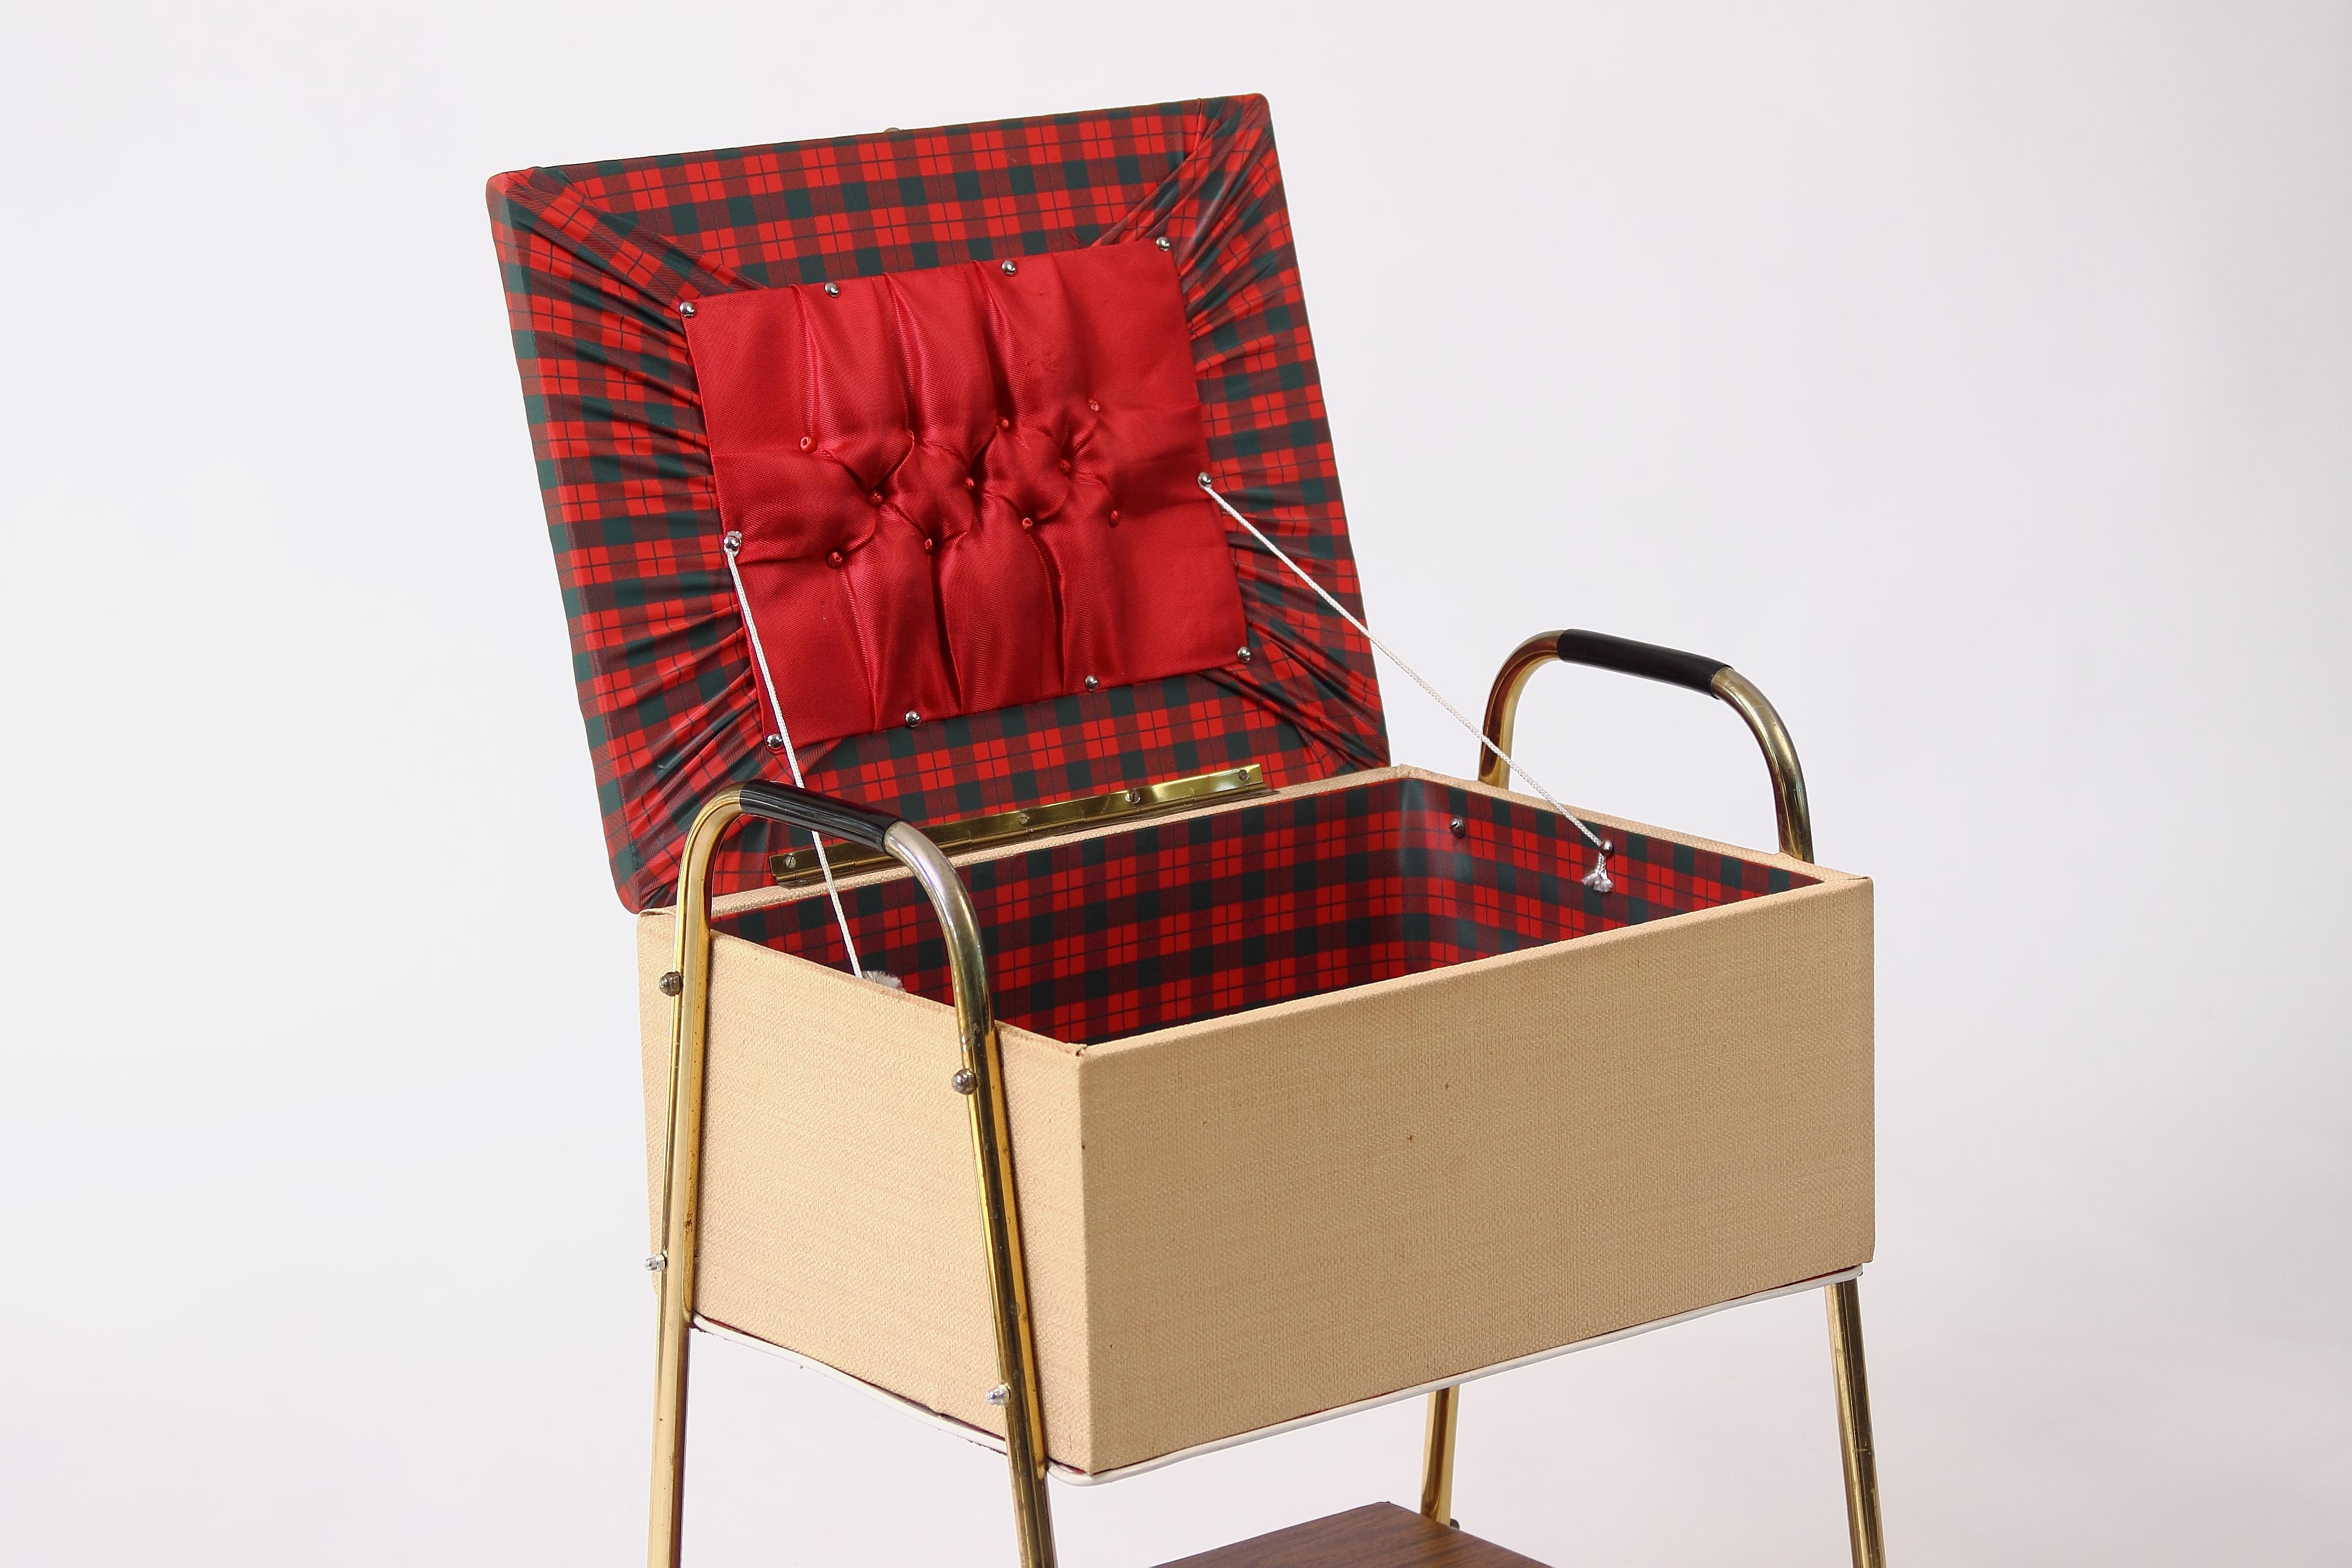 truhe n hkastn tisch kiste aufbewahrungstisch mit rollen. Black Bedroom Furniture Sets. Home Design Ideas